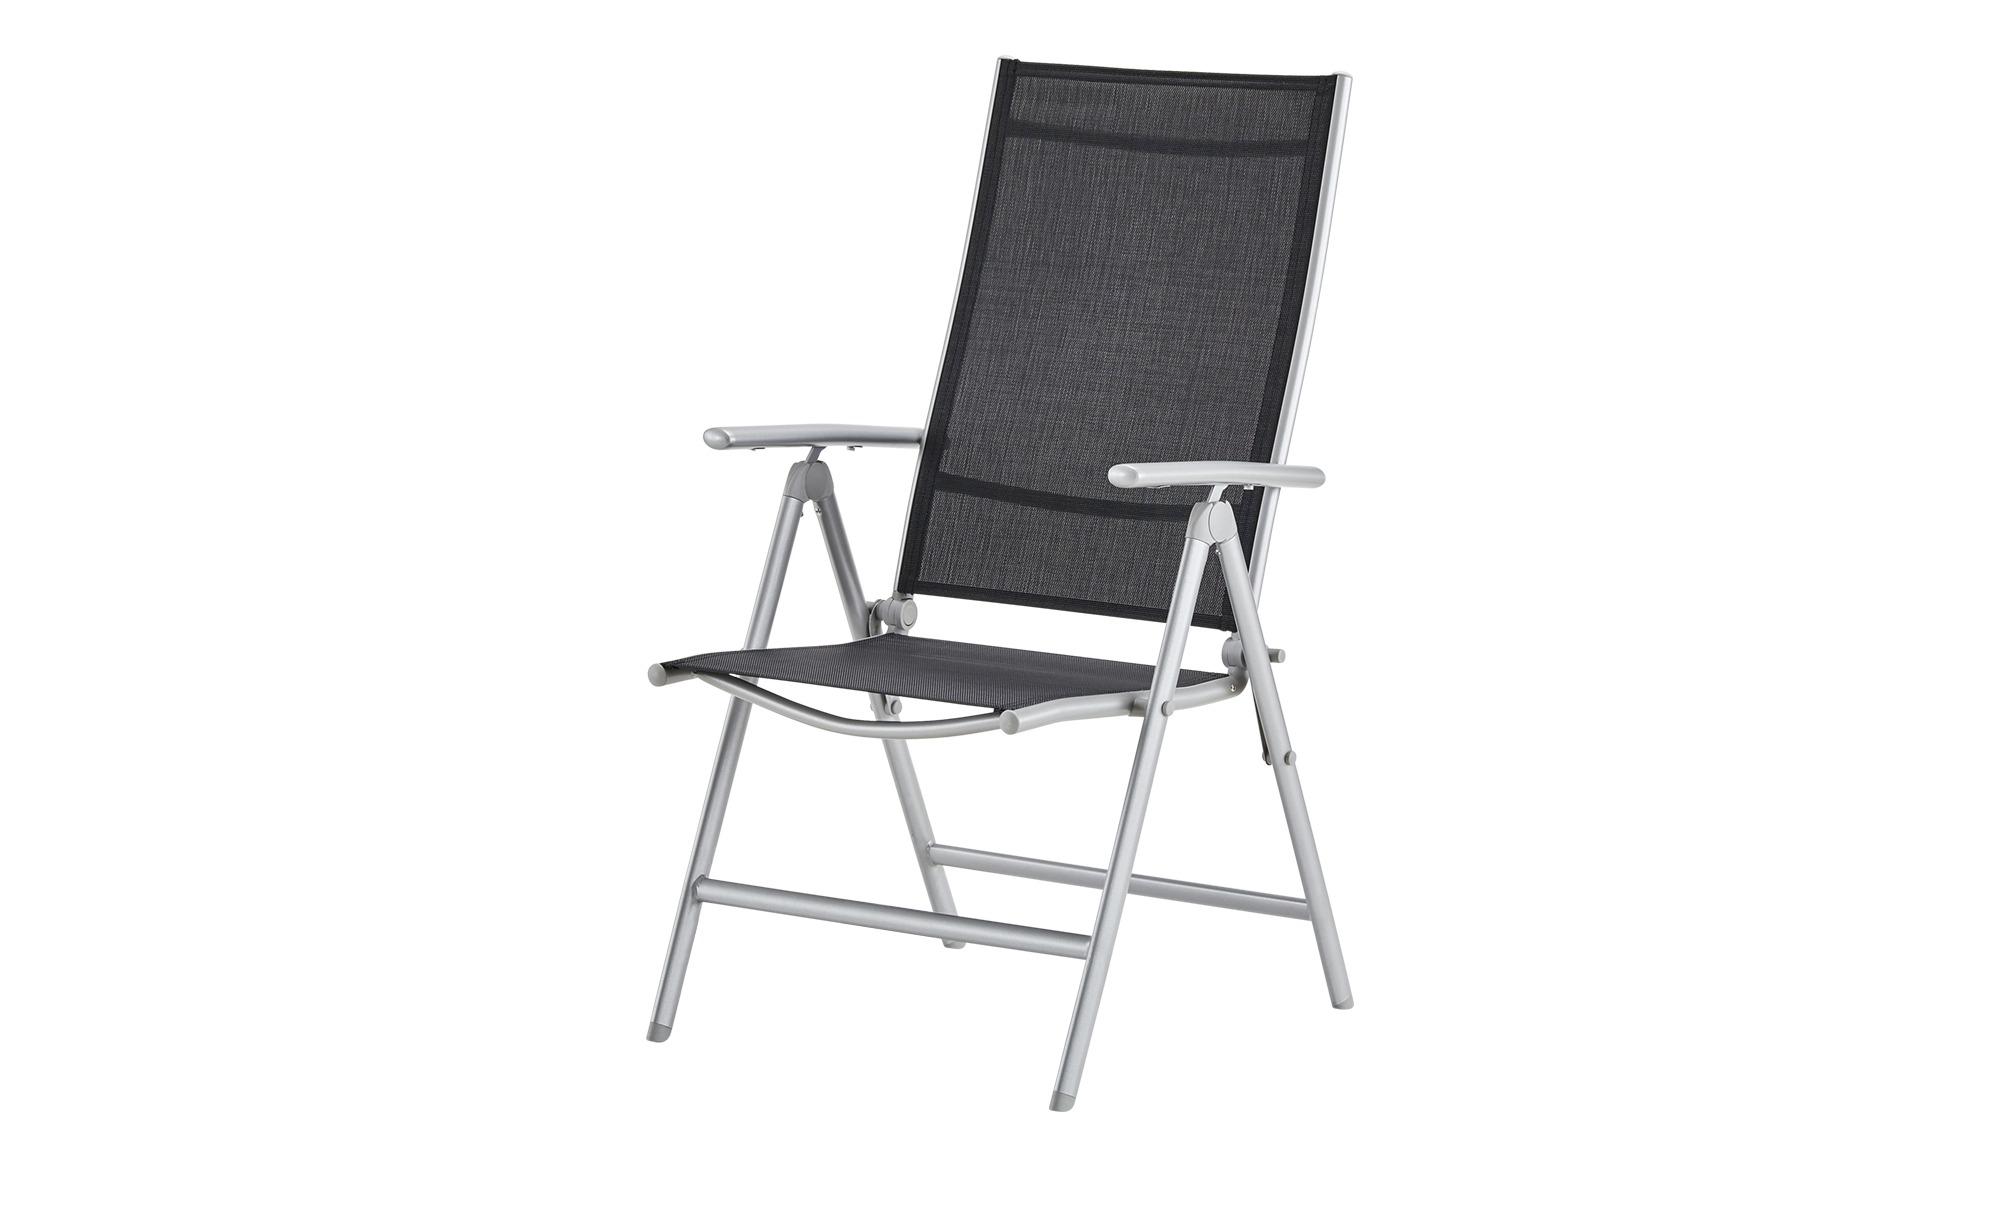 Khg Garten Klappsessel Easy Bei Möbel Kraft Online Kaufen